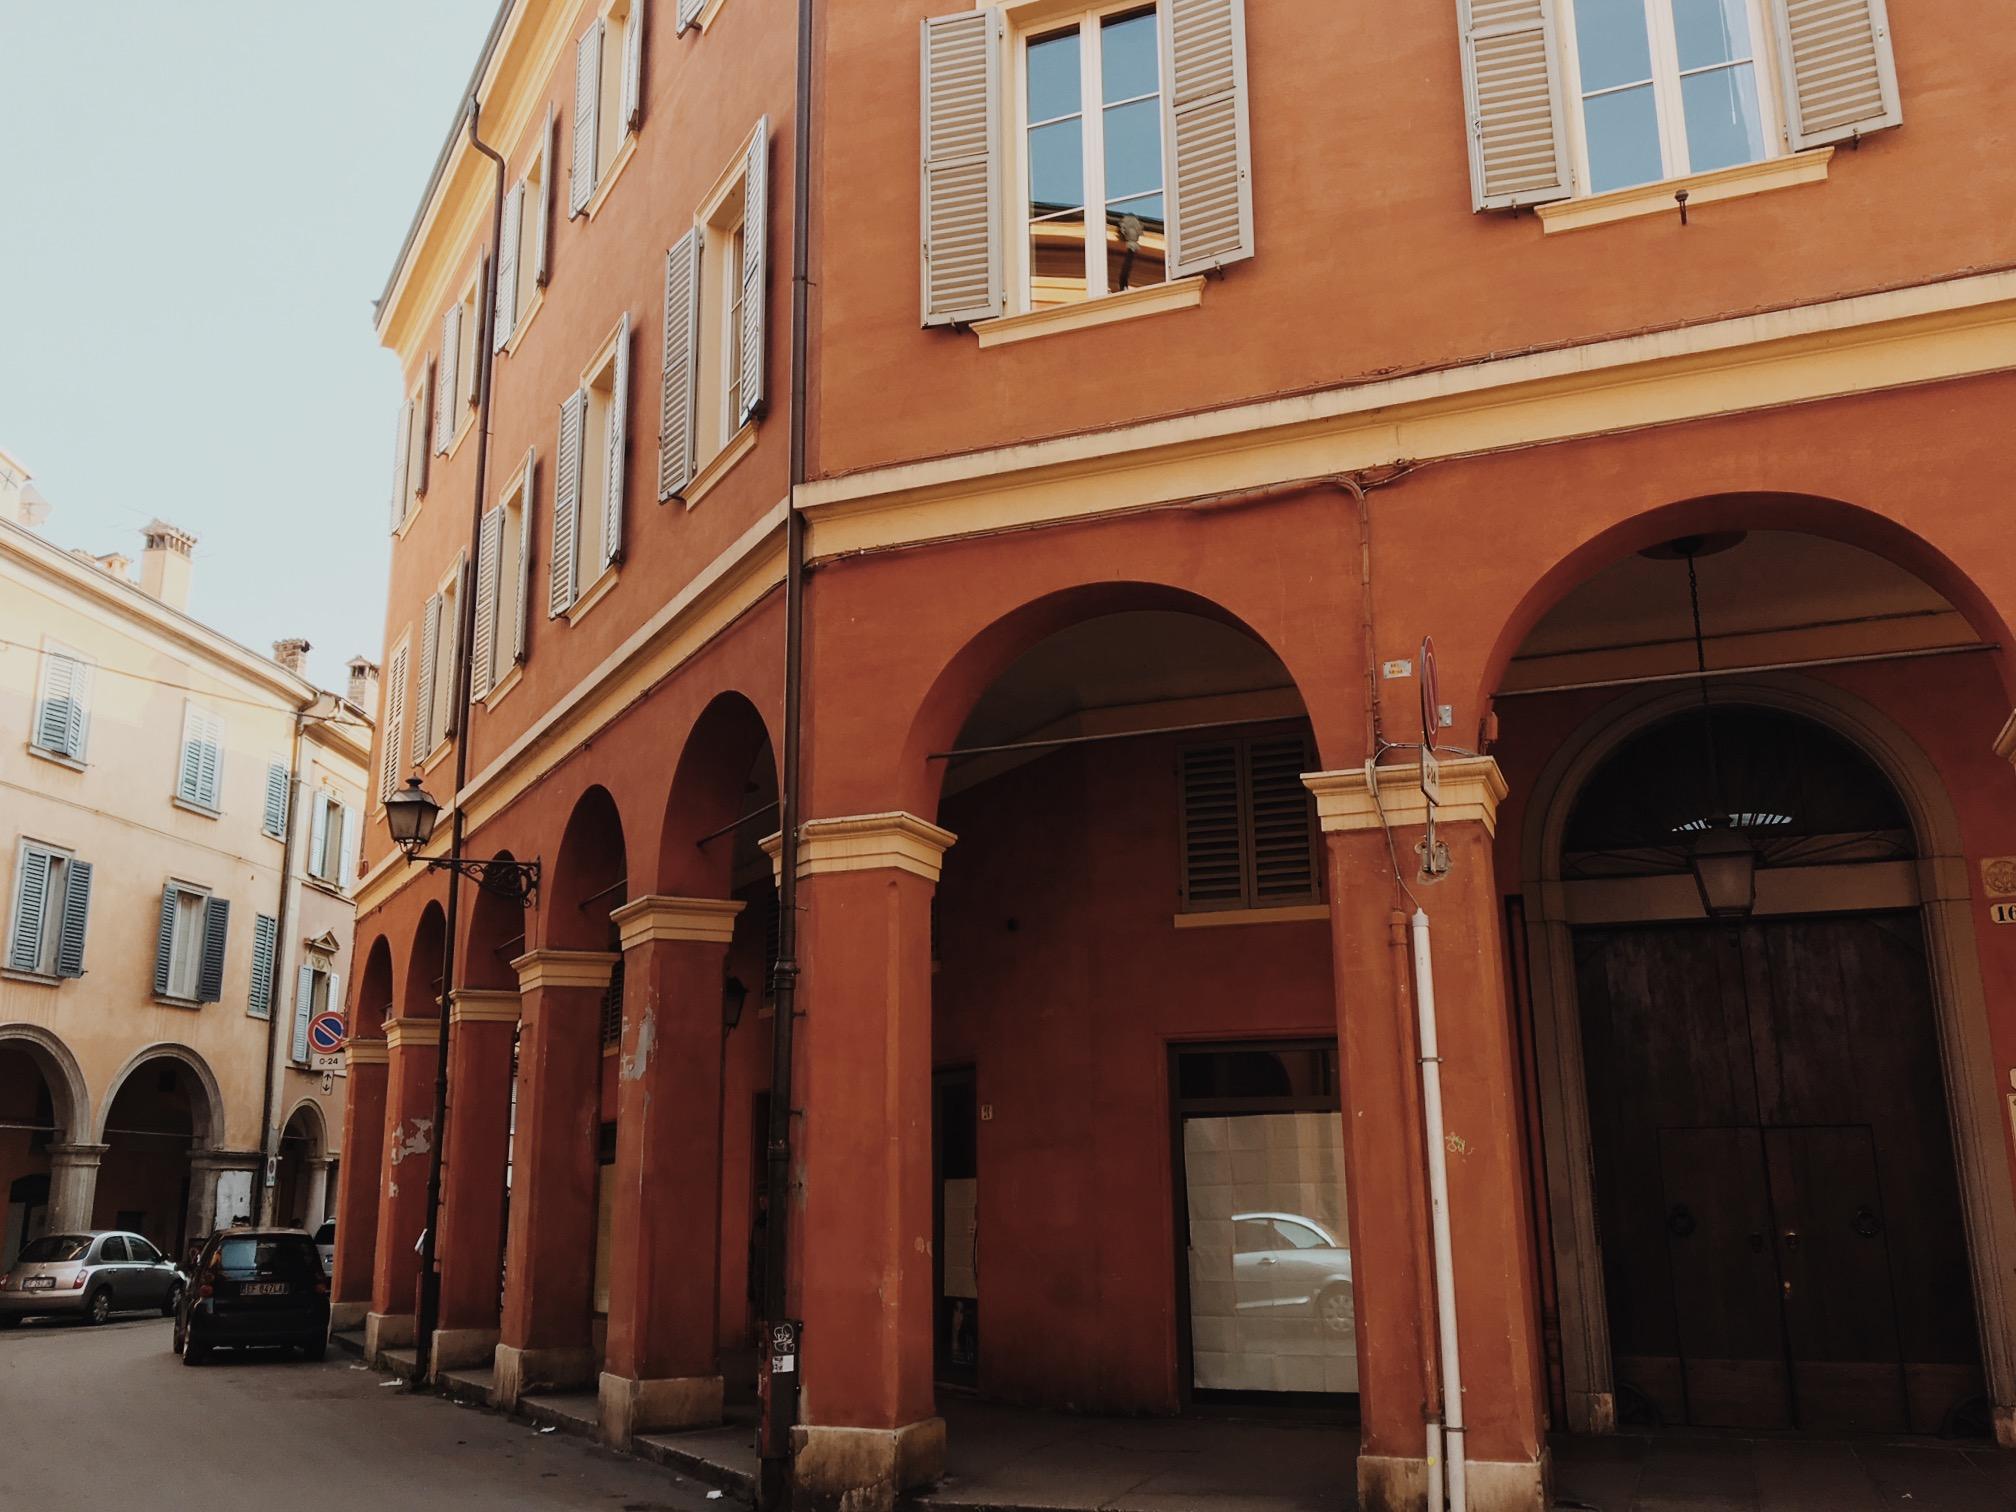 Un anfiteatro, una casa medioevale, un tempio di Giove e altri luoghi di Modena, senza dimenticare Lambrusco e cocktail. Un percorso lungo i sapori segreti